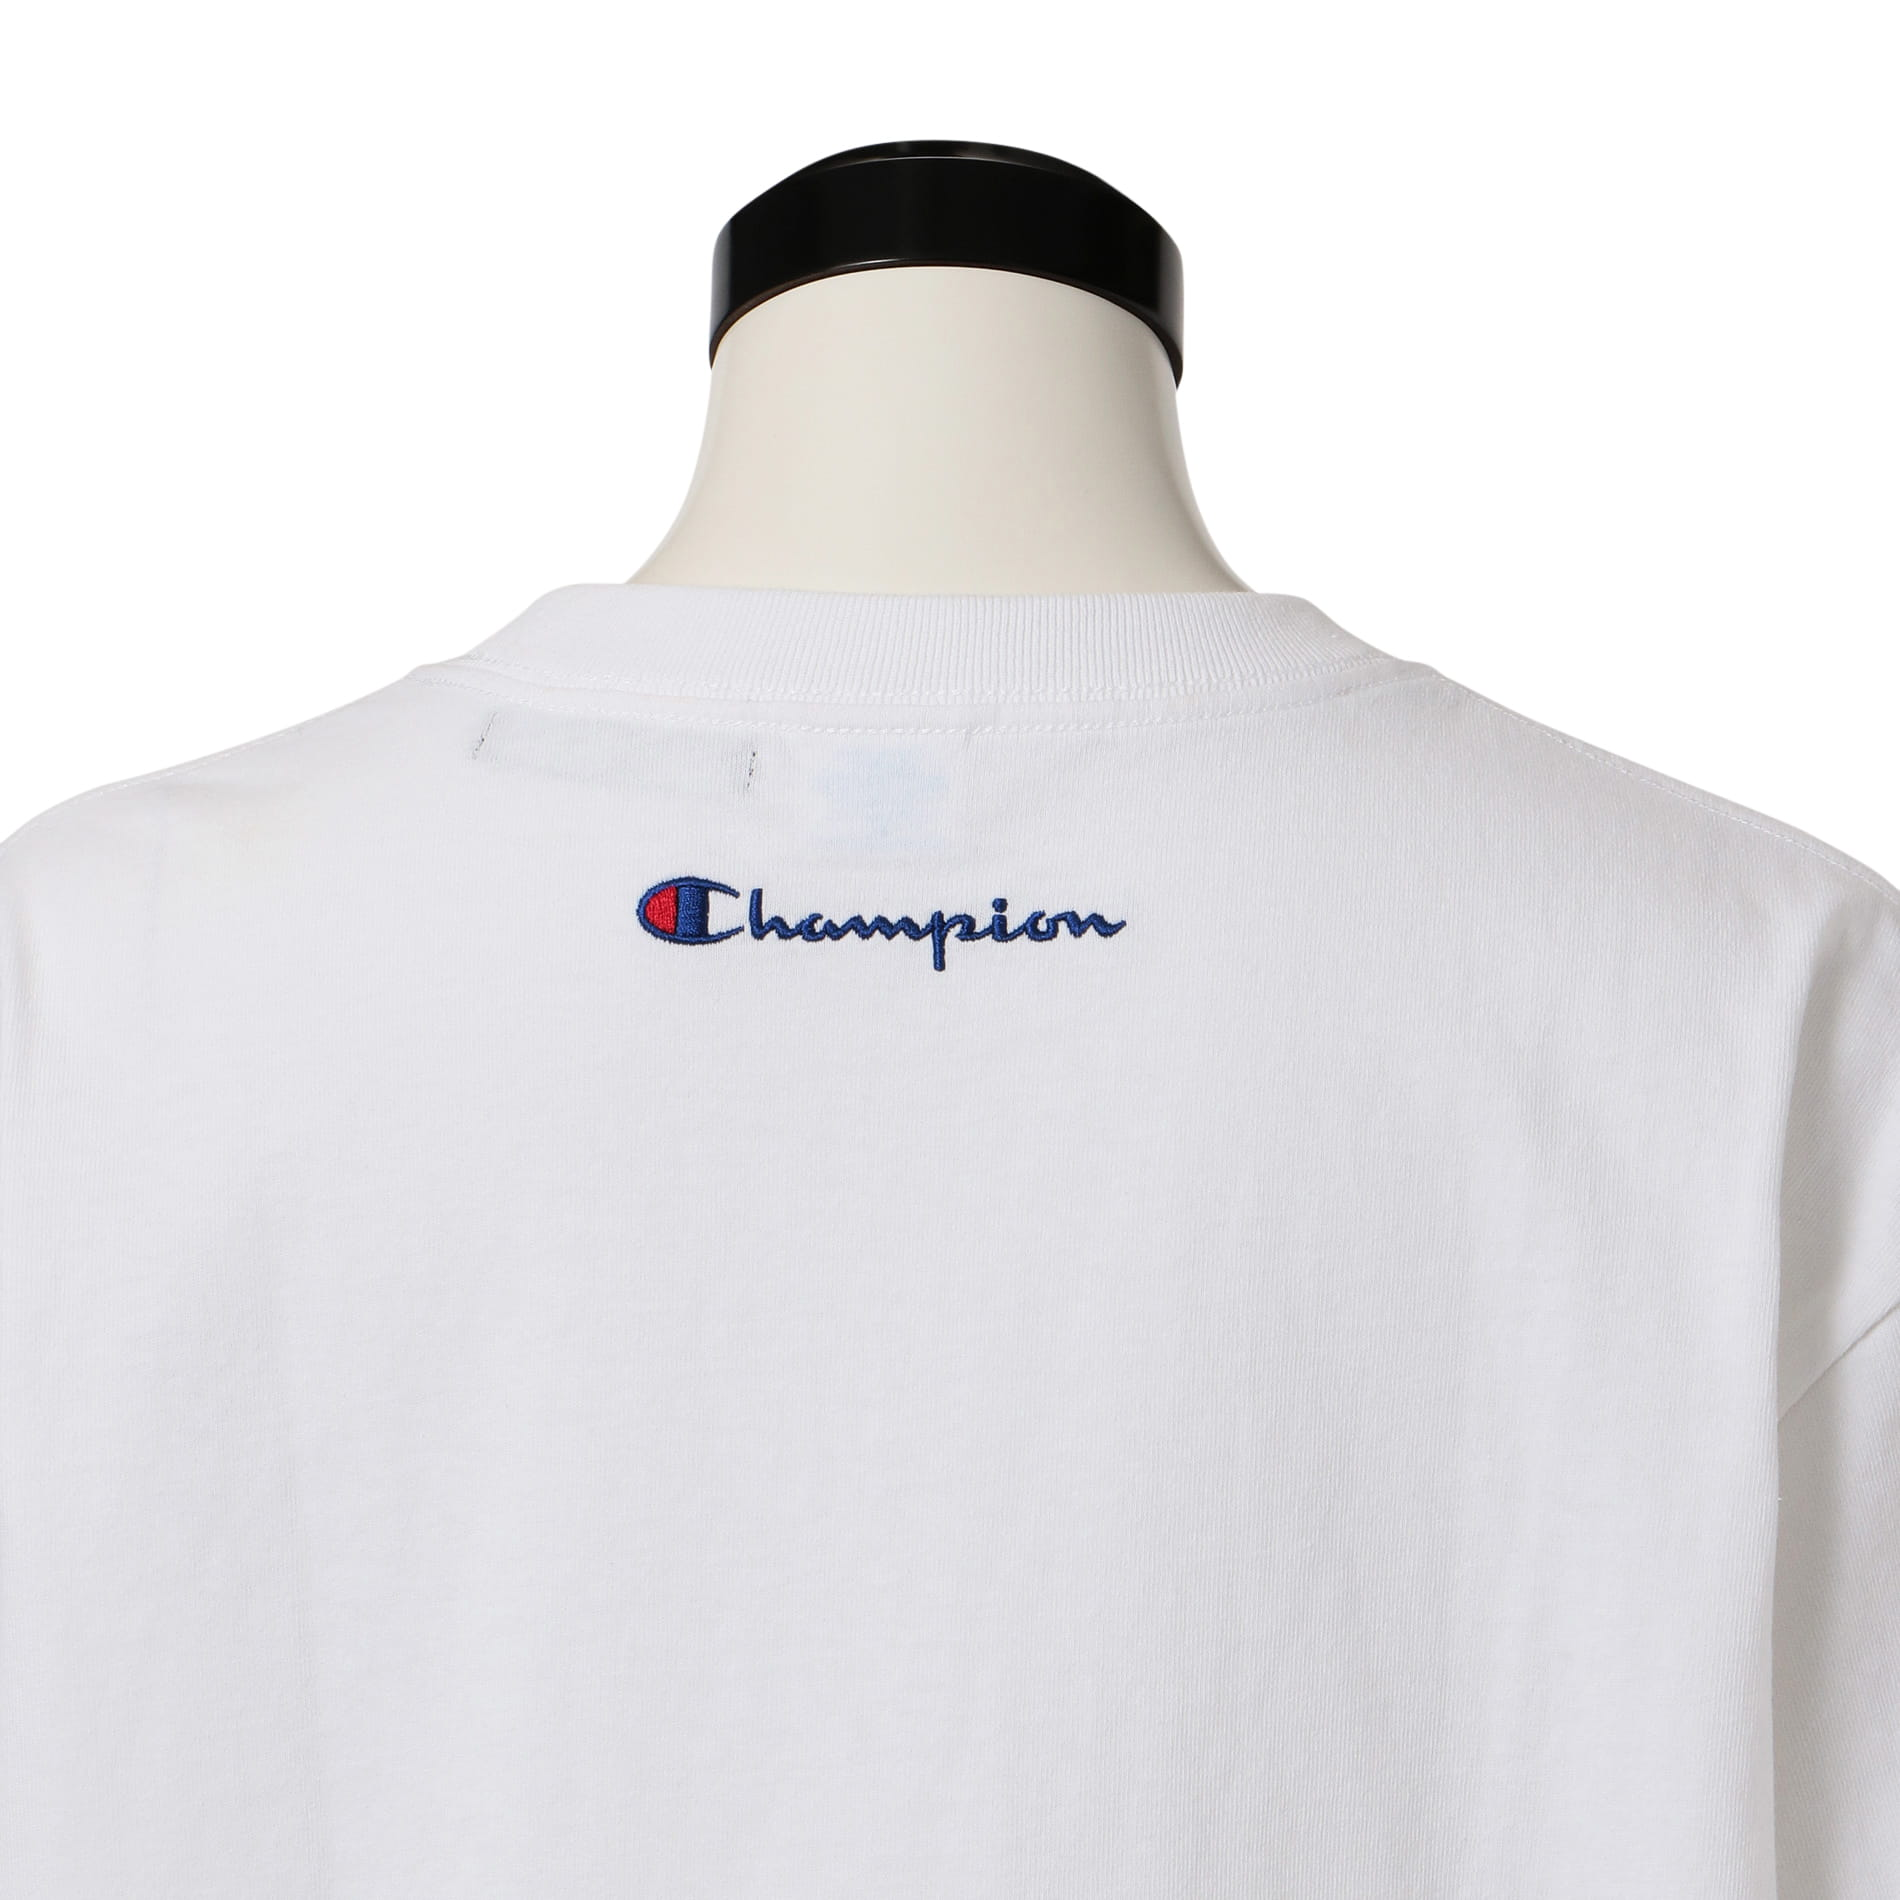 〈タイムセール〉【Champion】WOMEN 別注ビッグシルエットエンブロイダリーポケットTシャツ